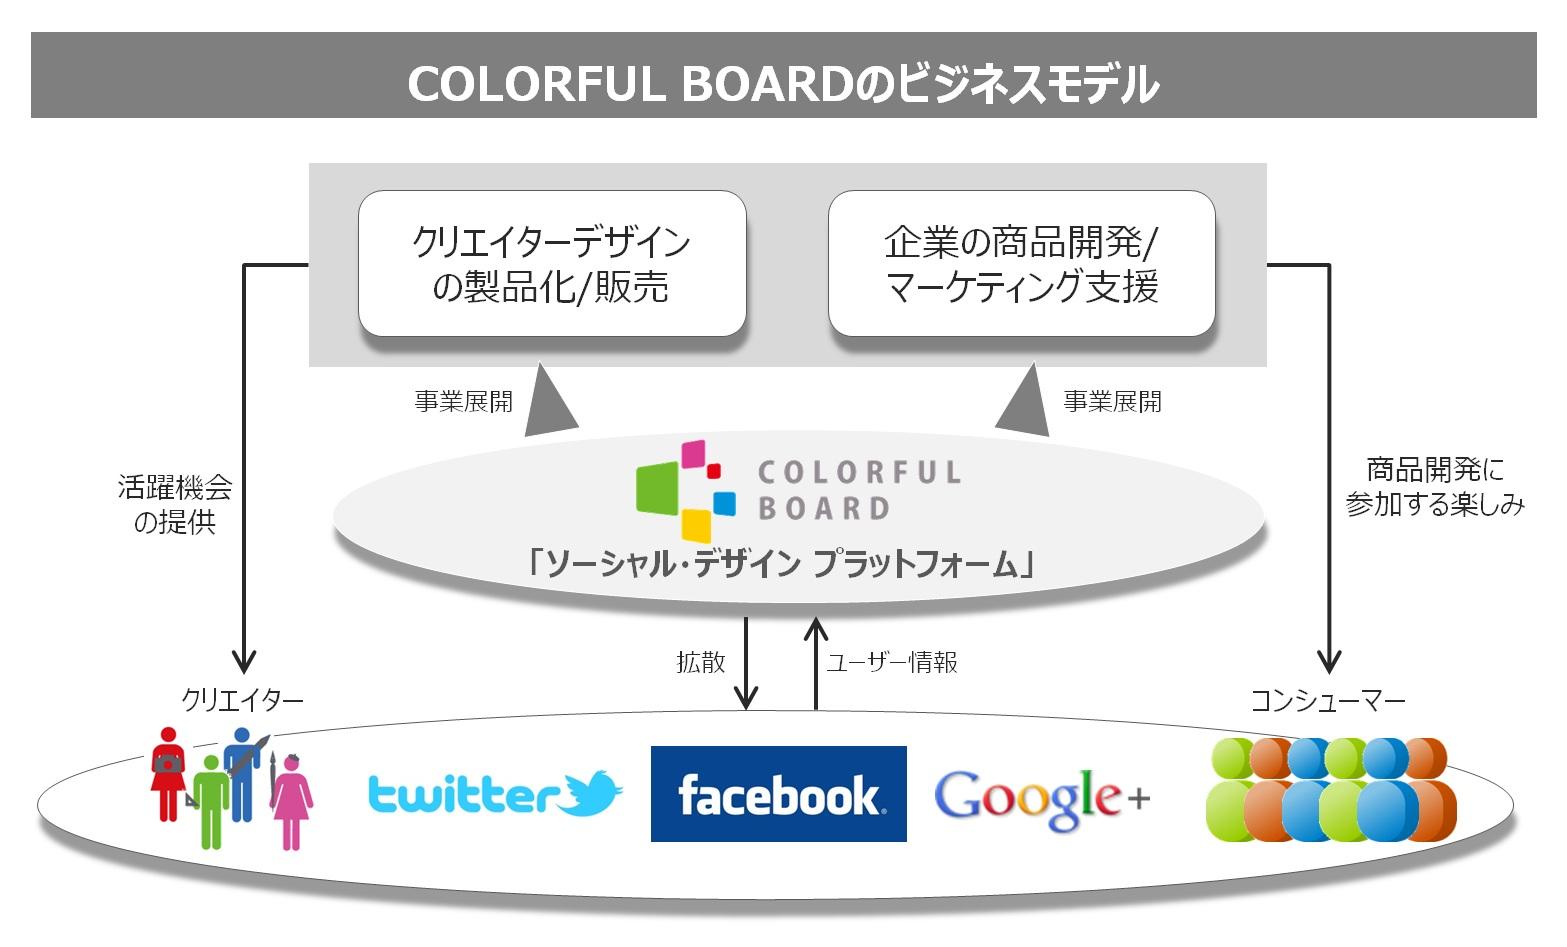 日本創生ビレッジ(三菱地所)主催ビジネスコンテスト 「EGG Japan Innovation Cruiser 2012」にて COLORFUL BOARDがEGG賞受賞